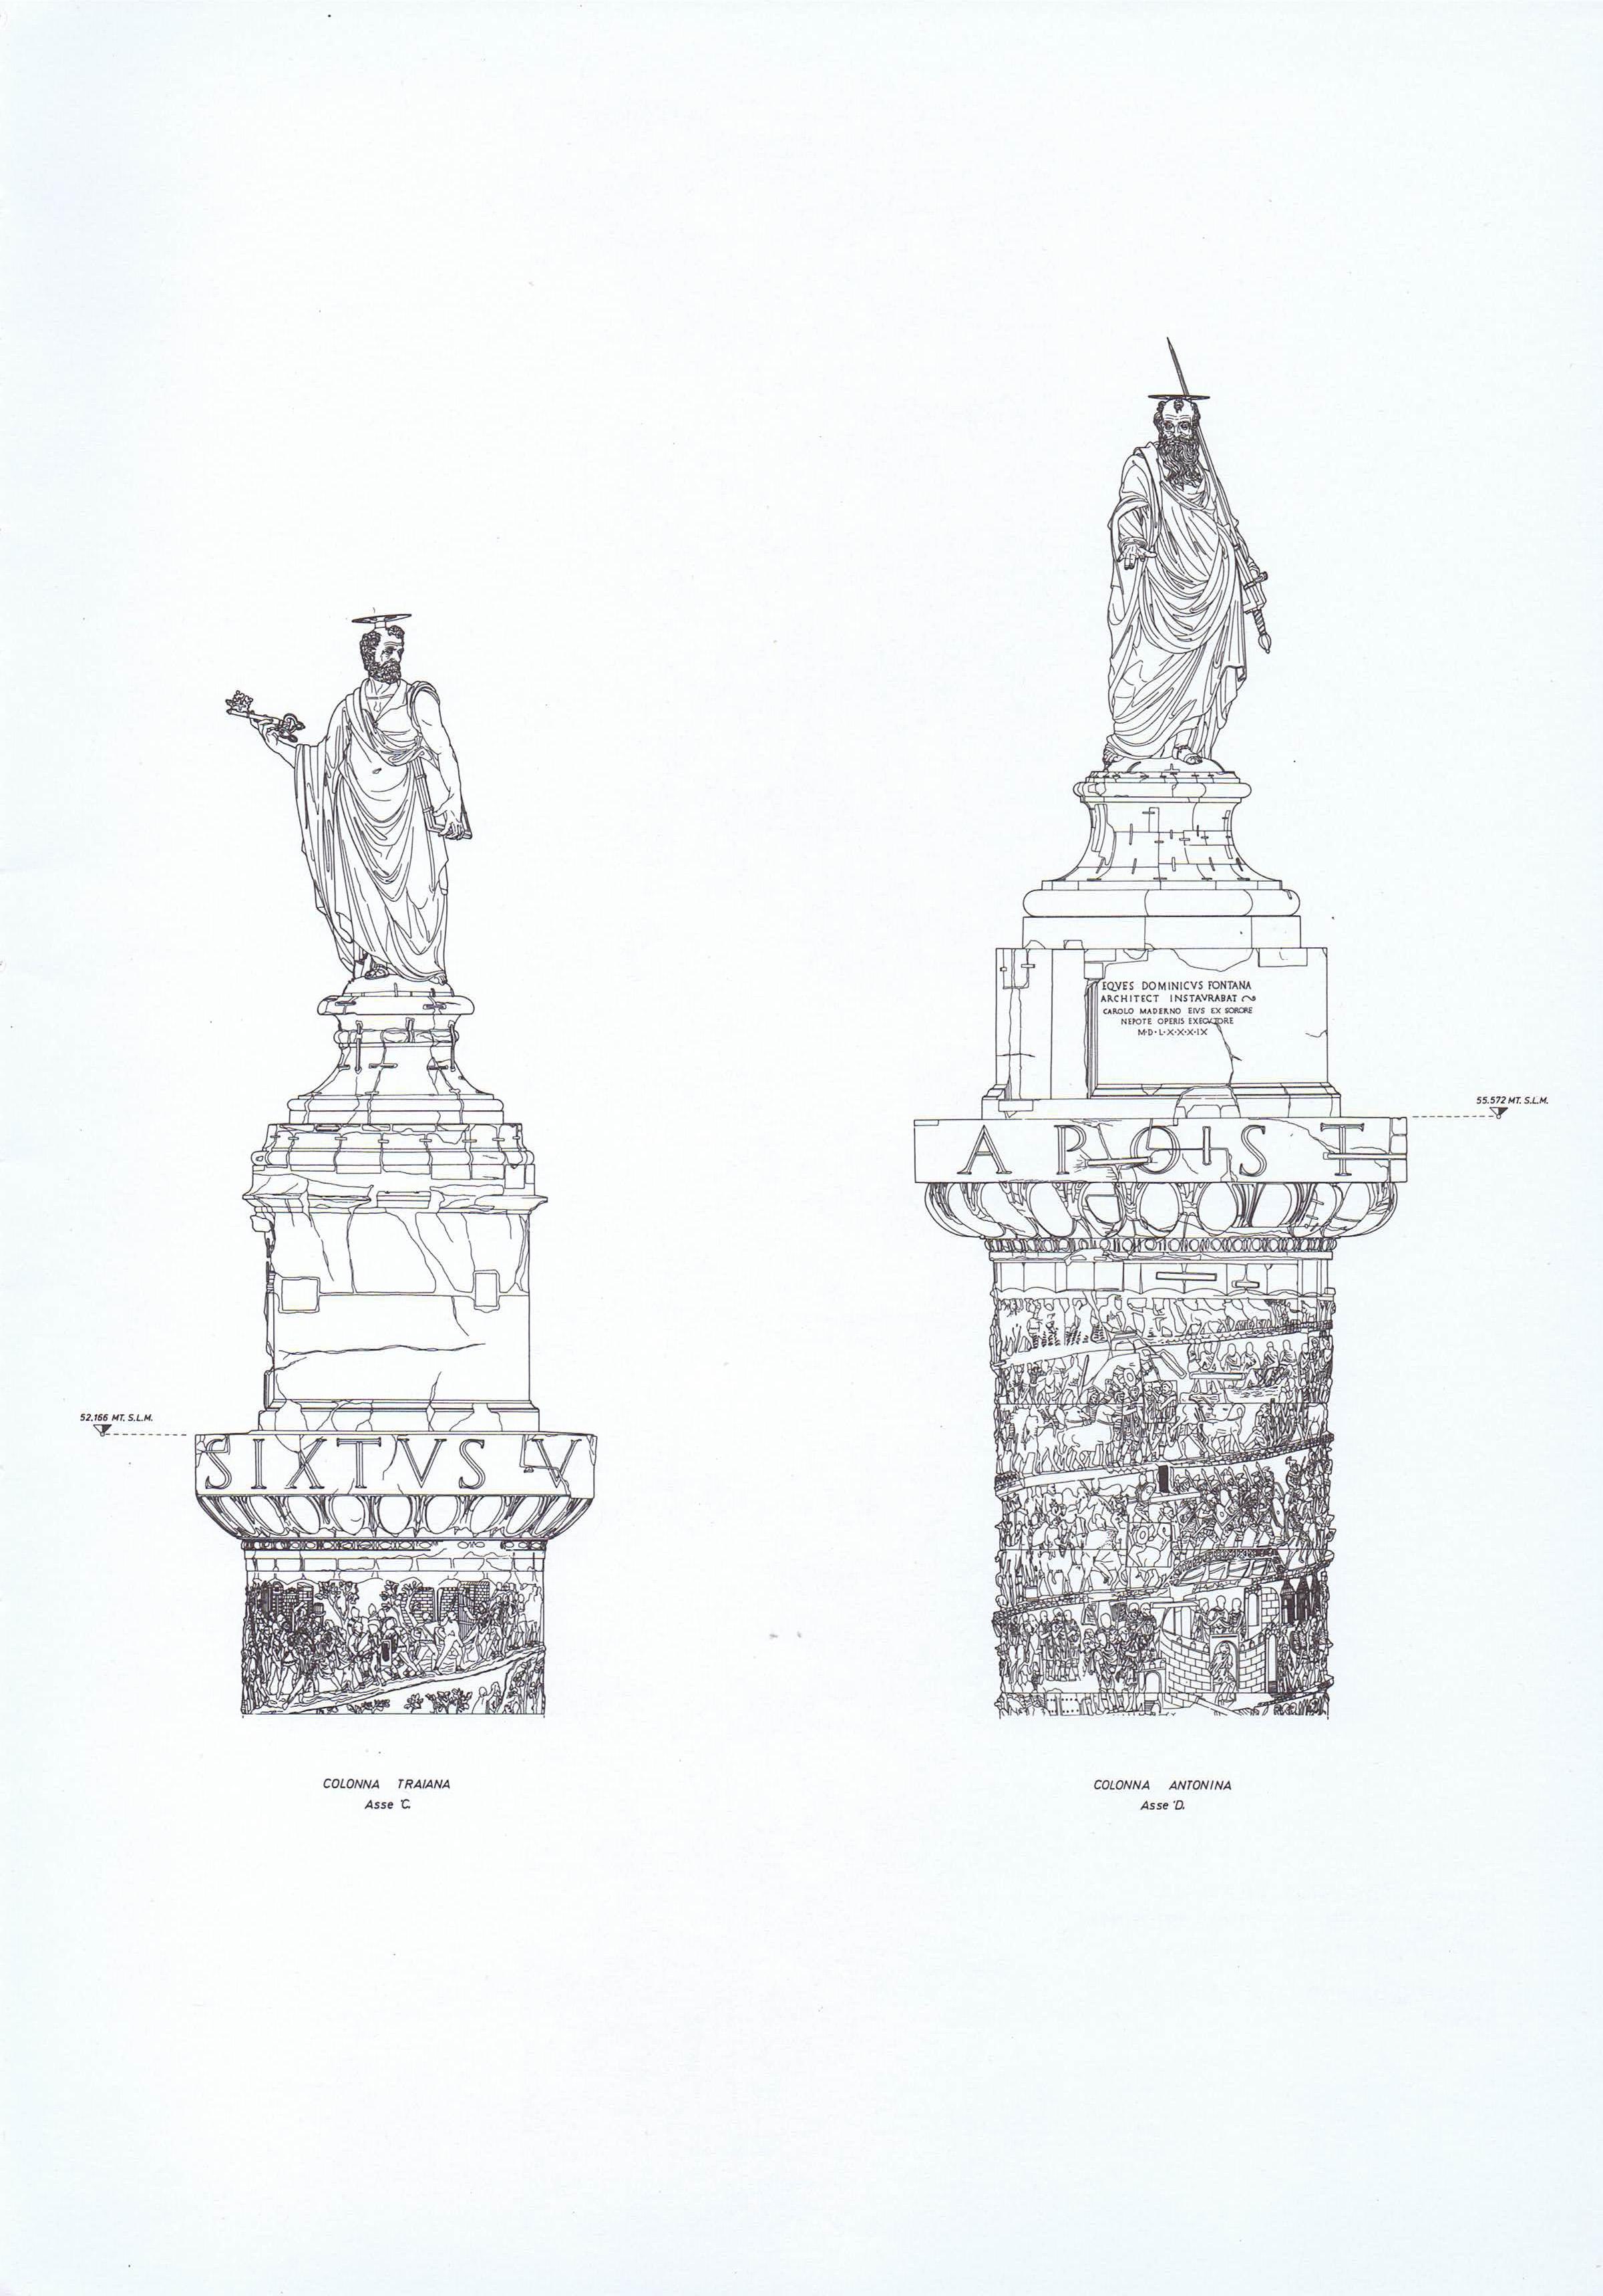 Confronto altimetrico Colonne Traiana e Antonina